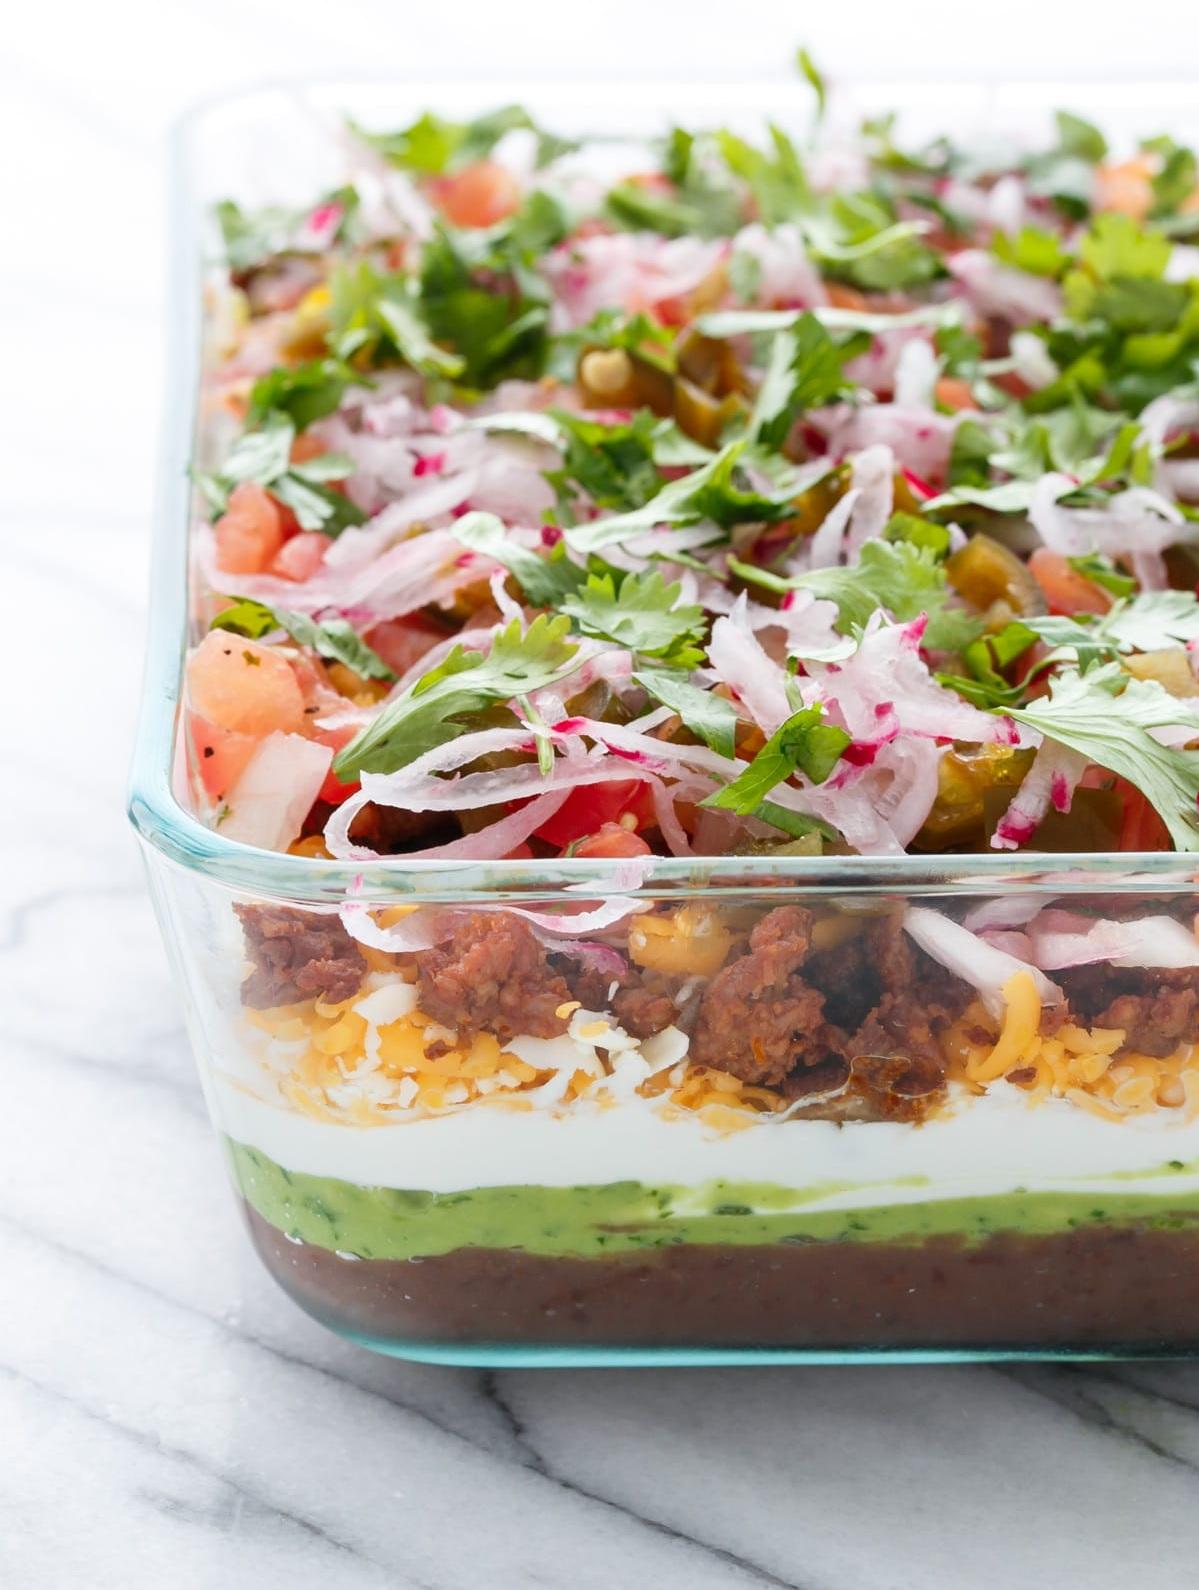 Vegetarian 7 layer dip in glass pan